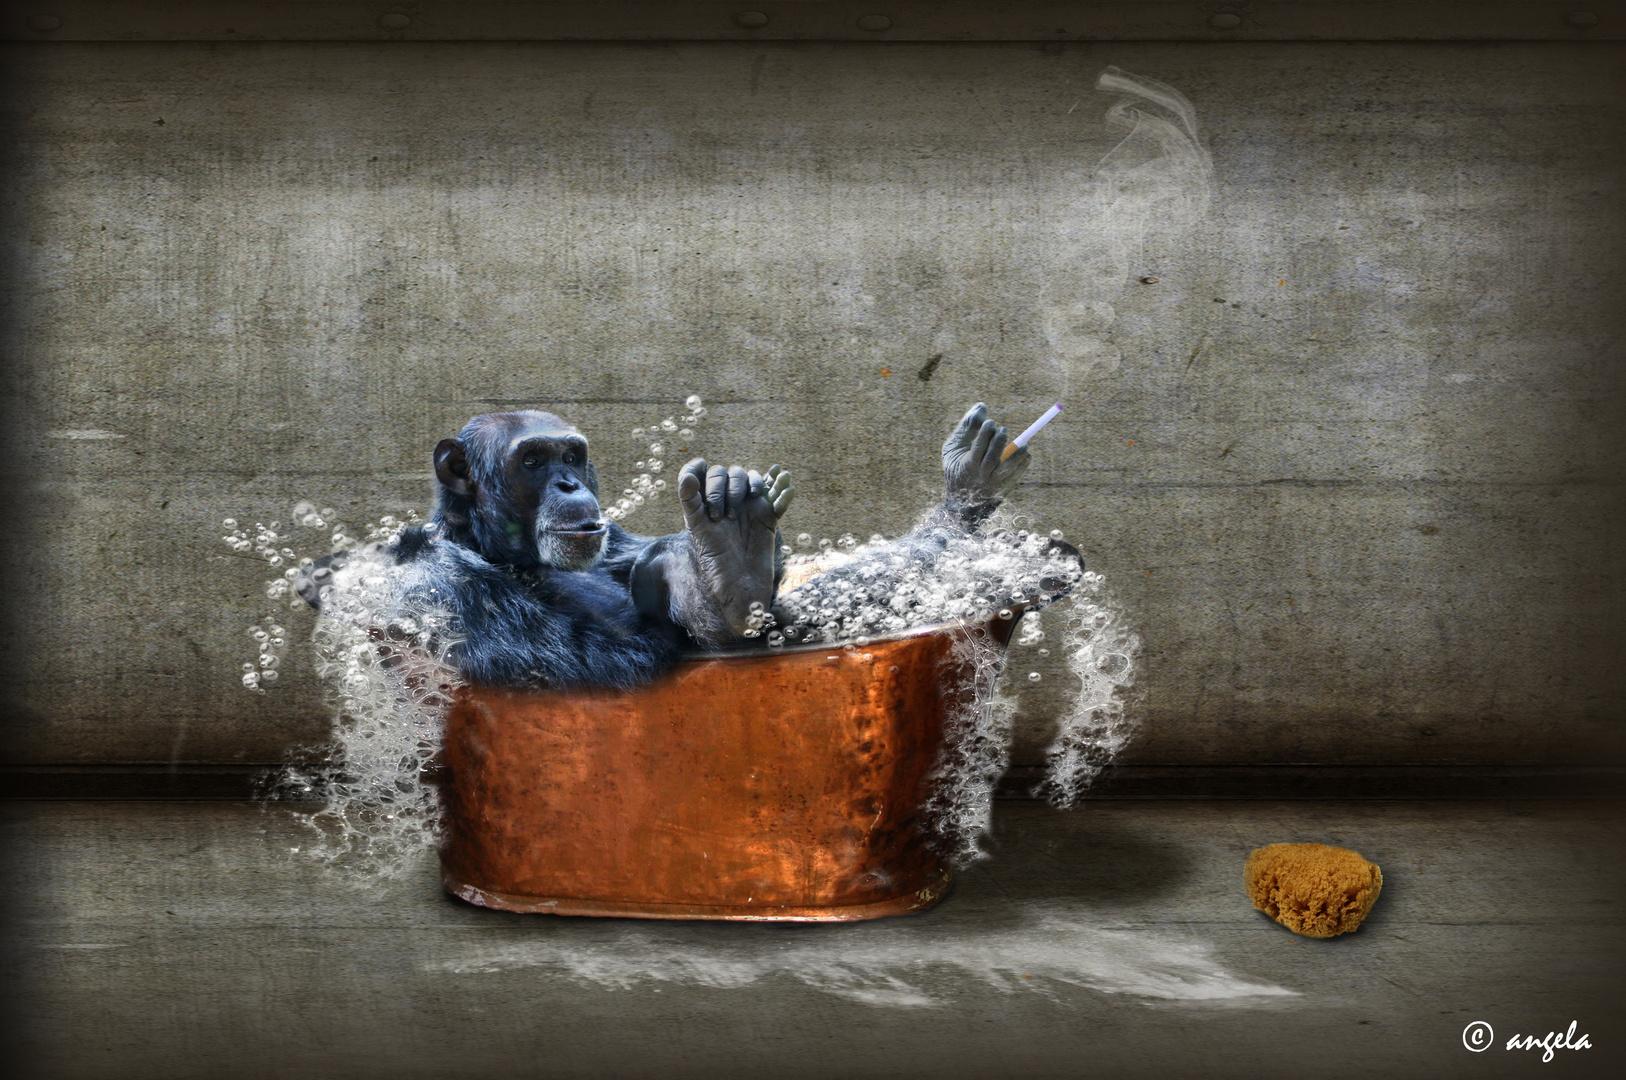 El baño del gorila